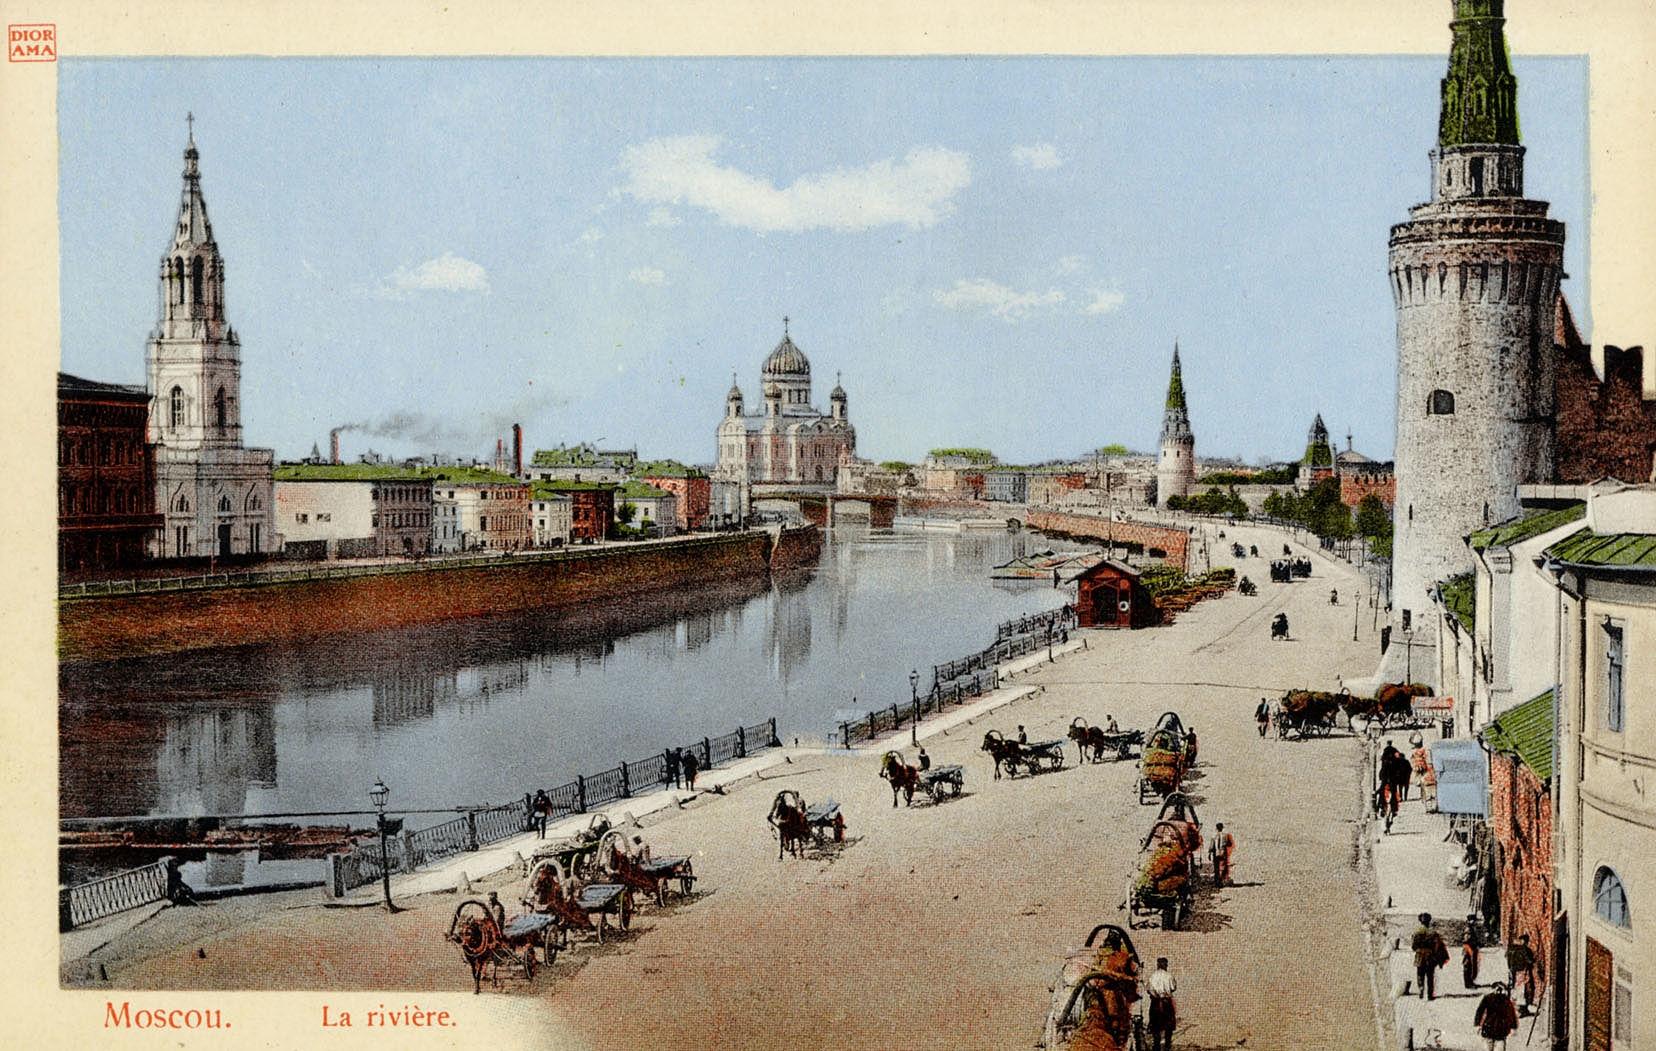 Вид на Москворецкую набережную и храм Христа Спасителя.